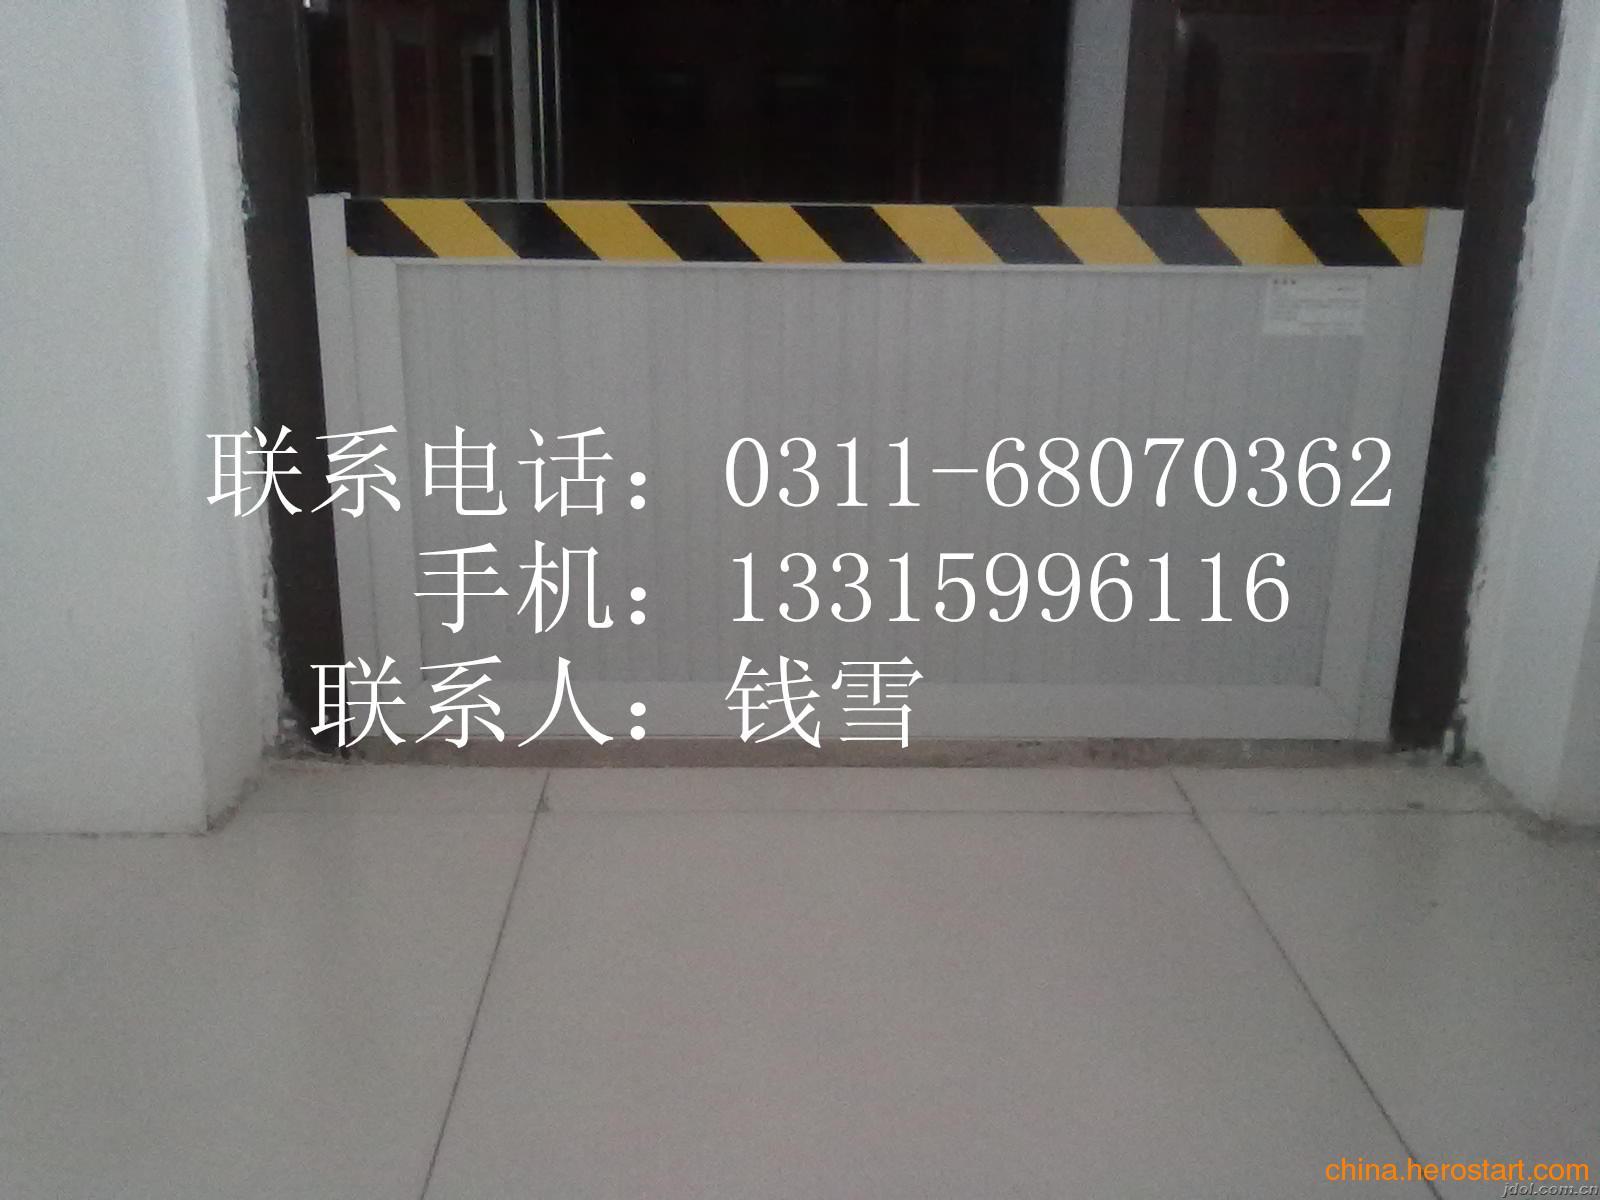 供应配电室常用普通挡鼠板材质,国标防鼠板高度